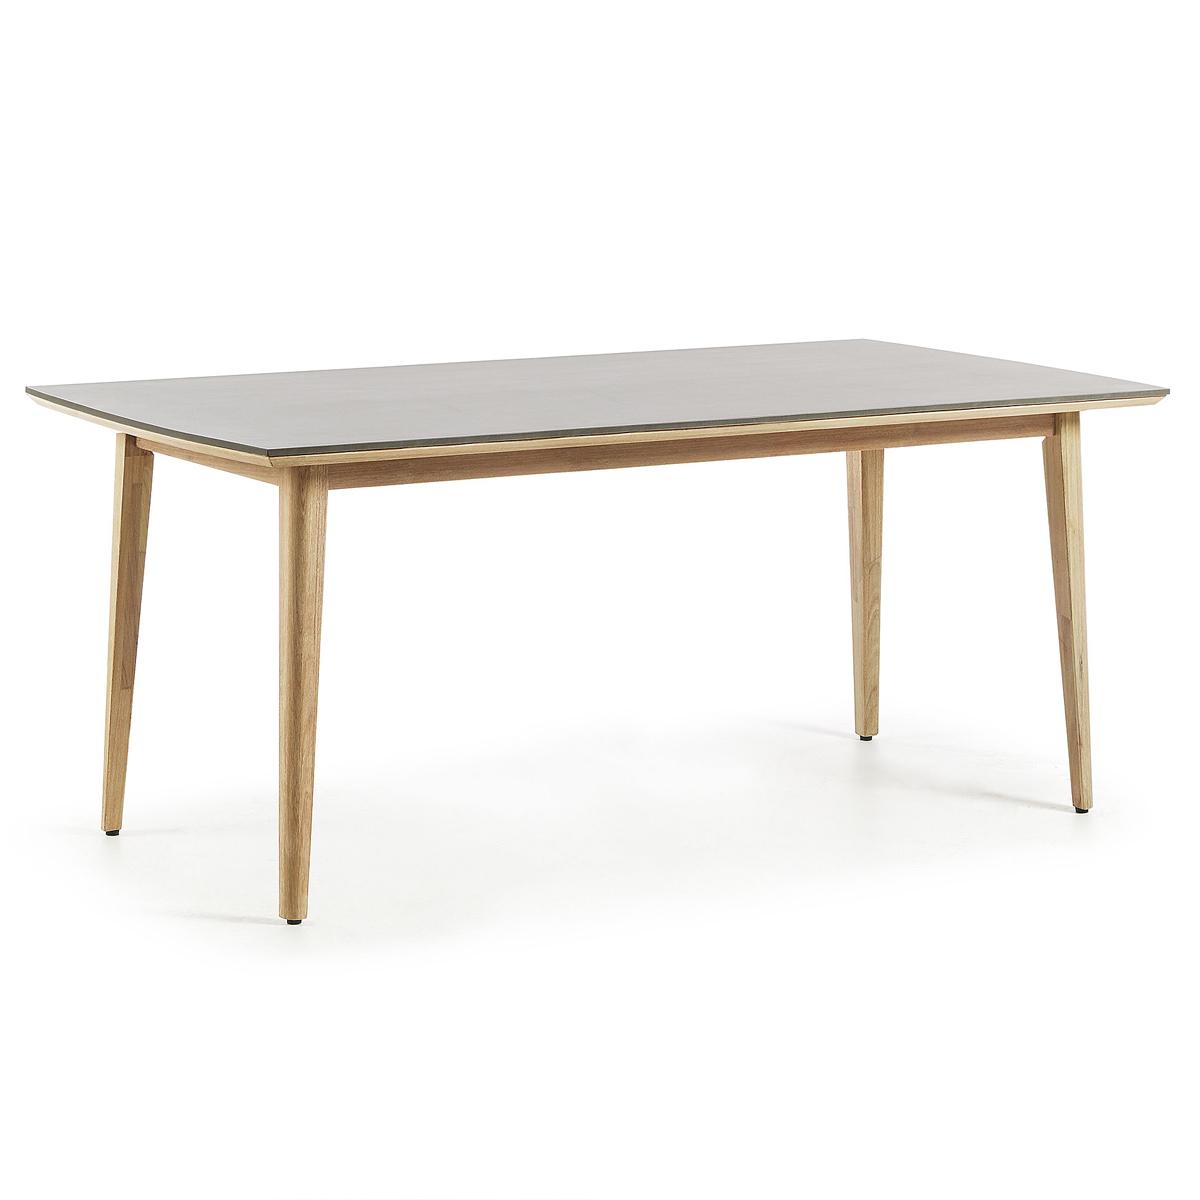 Table en eucalyptus et poly-ciment - Naturel - H 78 x 200 cm